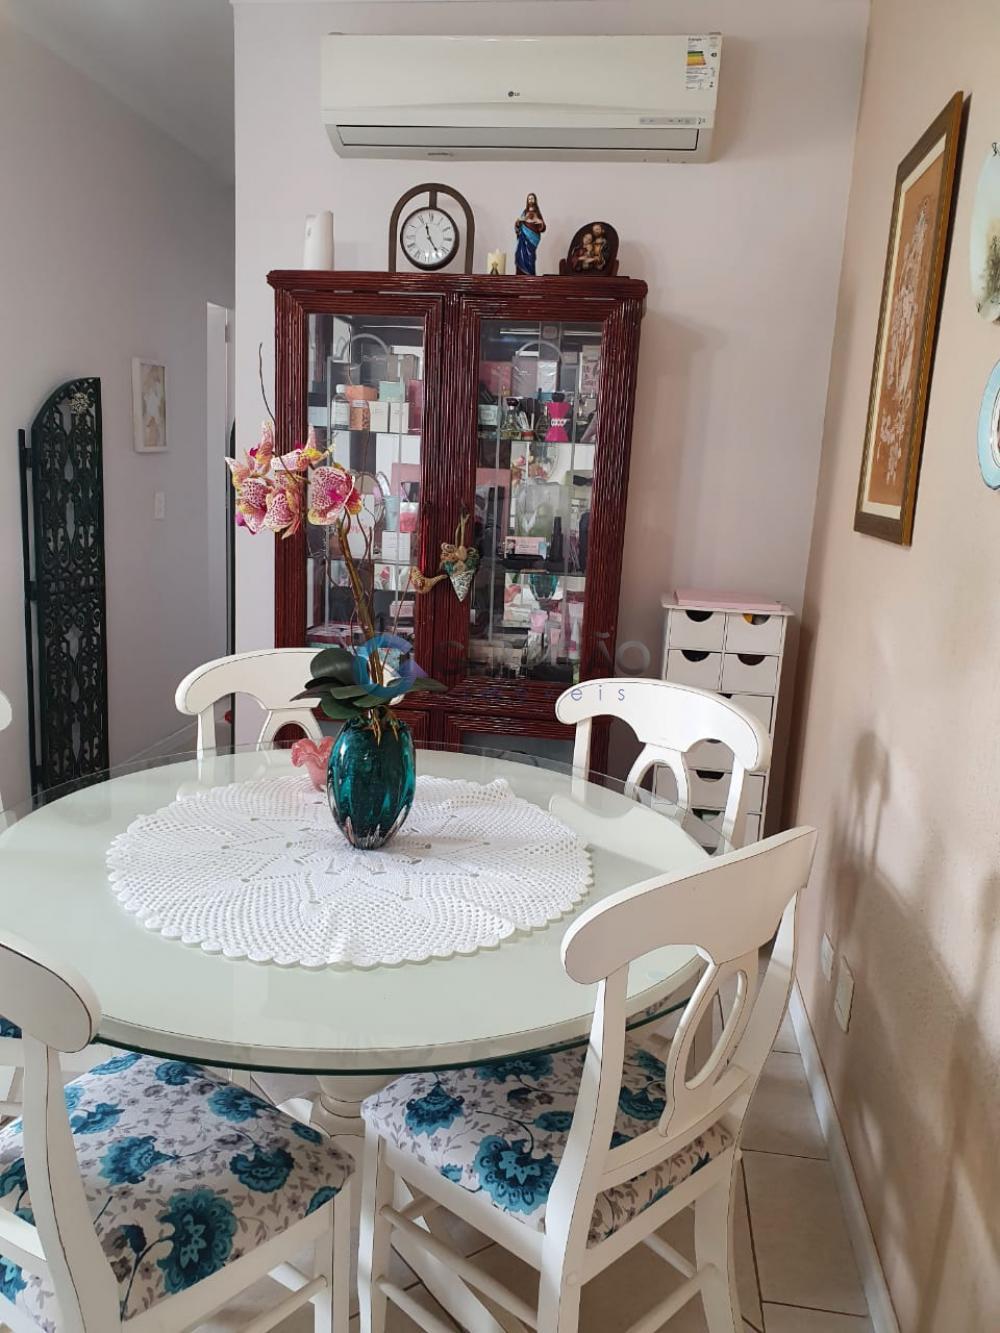 Comprar Apartamento / Padrão em São José dos Campos R$ 330.000,00 - Foto 5